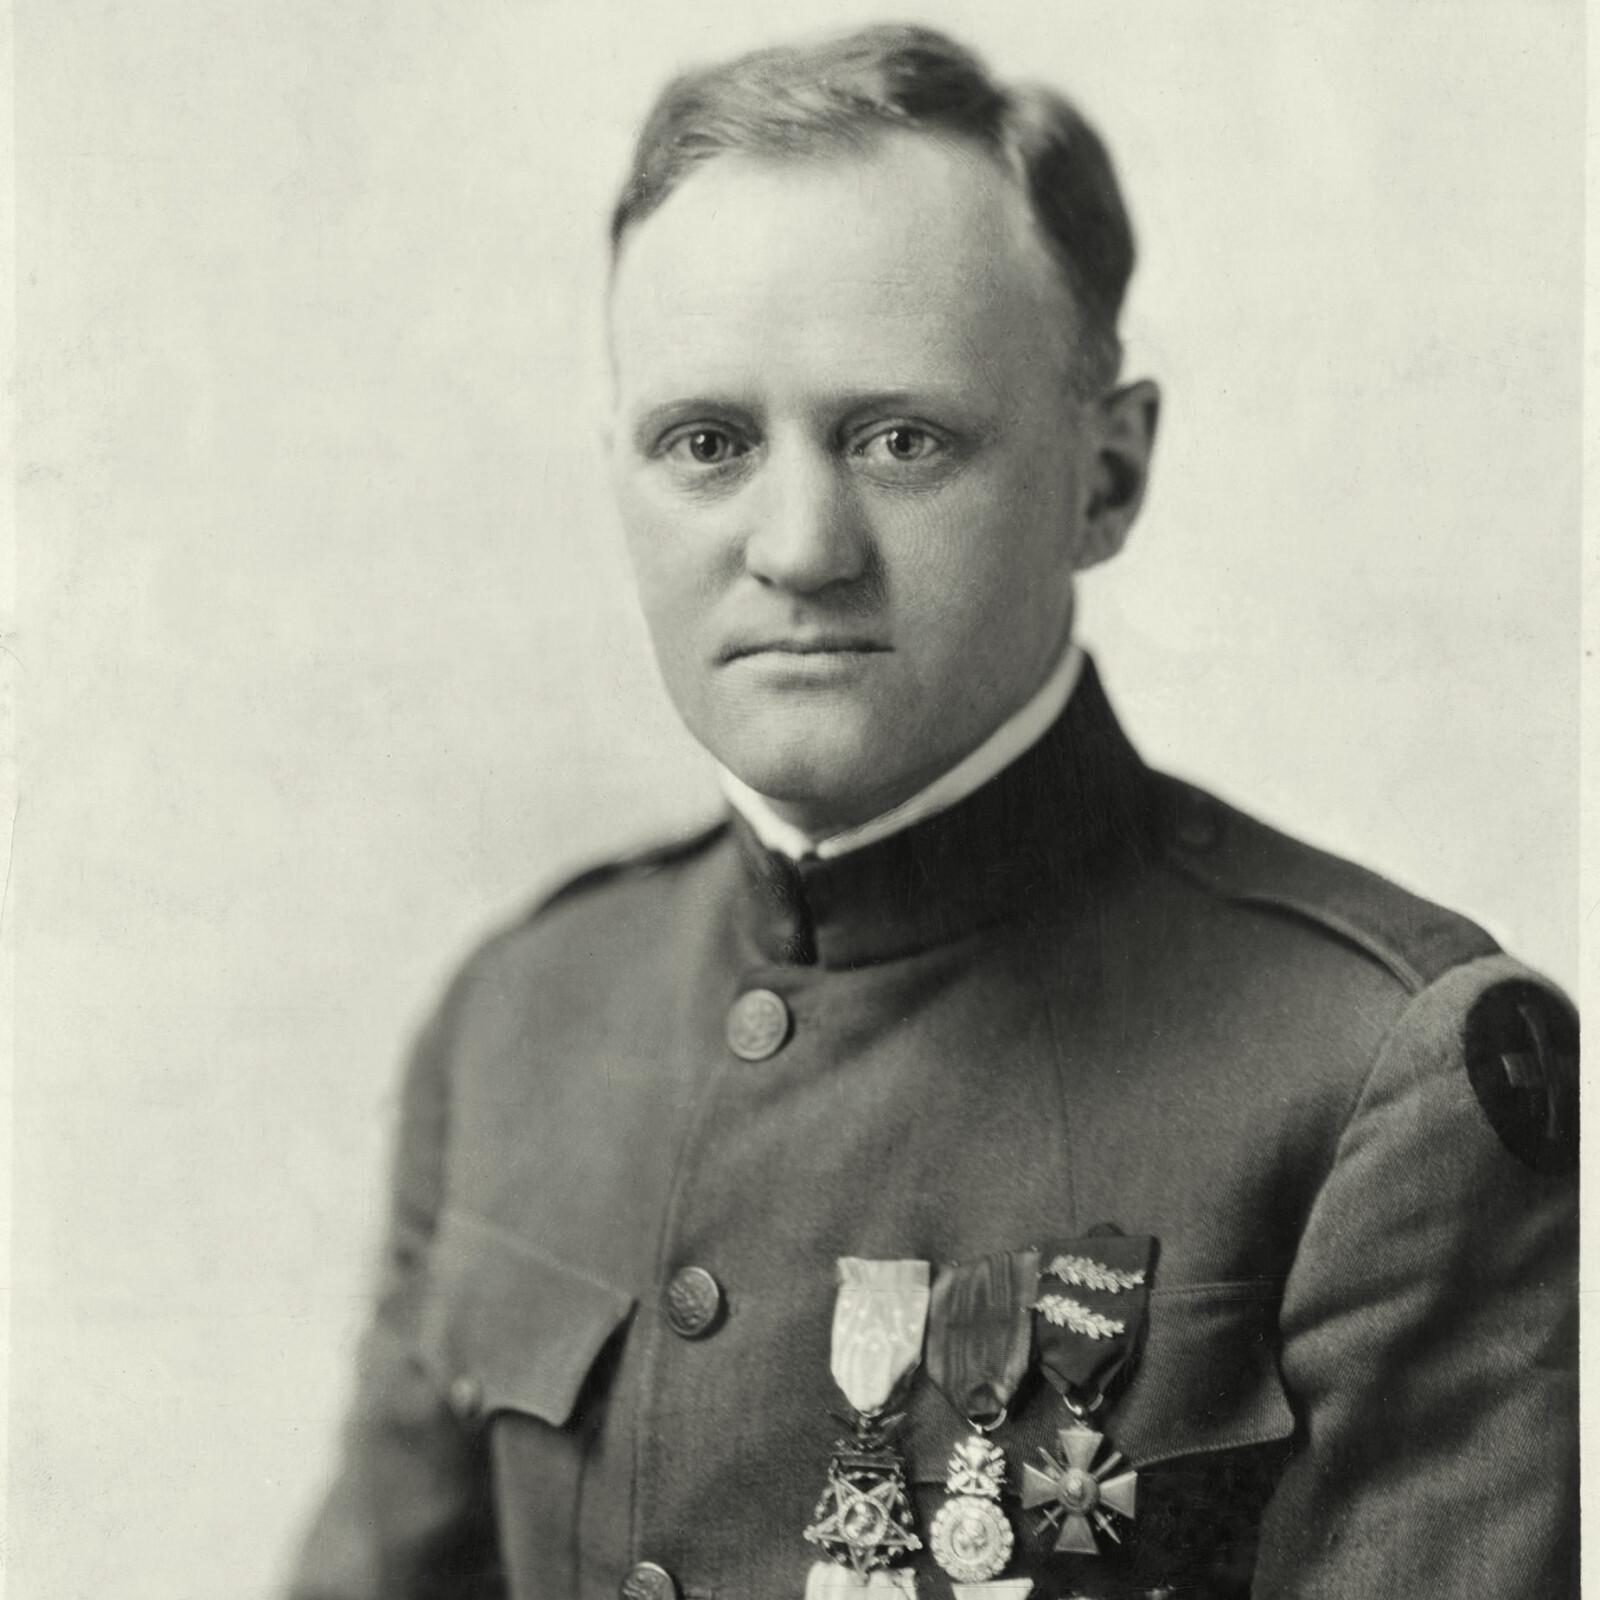 <b>DEN BESTE:</b> Berger Loman fra Bergen fikk de beste omtaler av USAs øverstkommanderene.